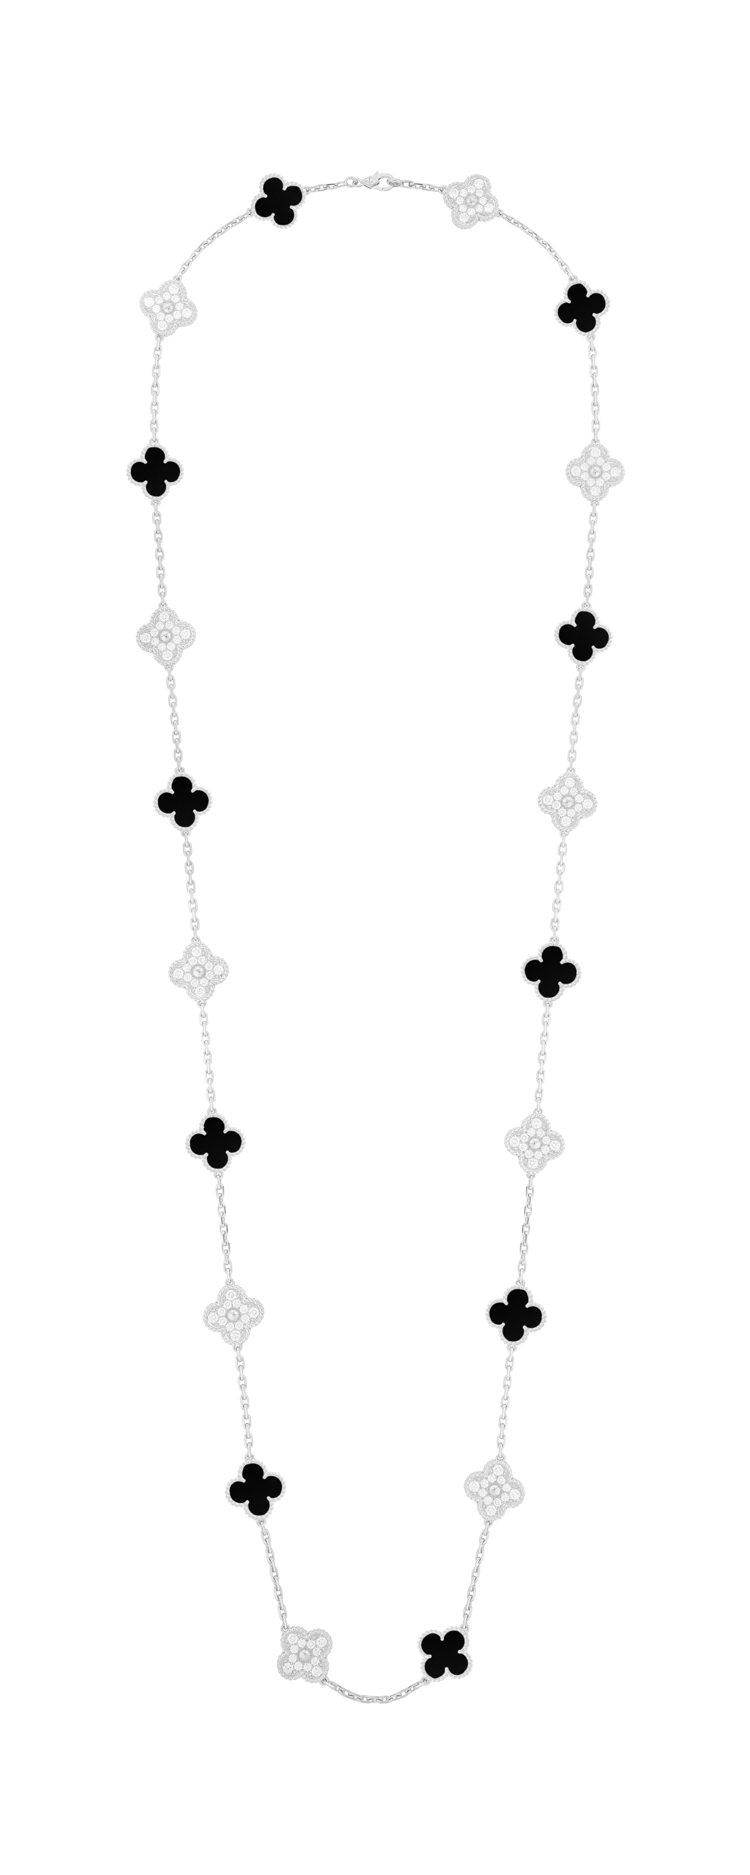 梵克雅寶Vintage Alhambra長項鍊,價格店洽。圖/梵克雅寶提供